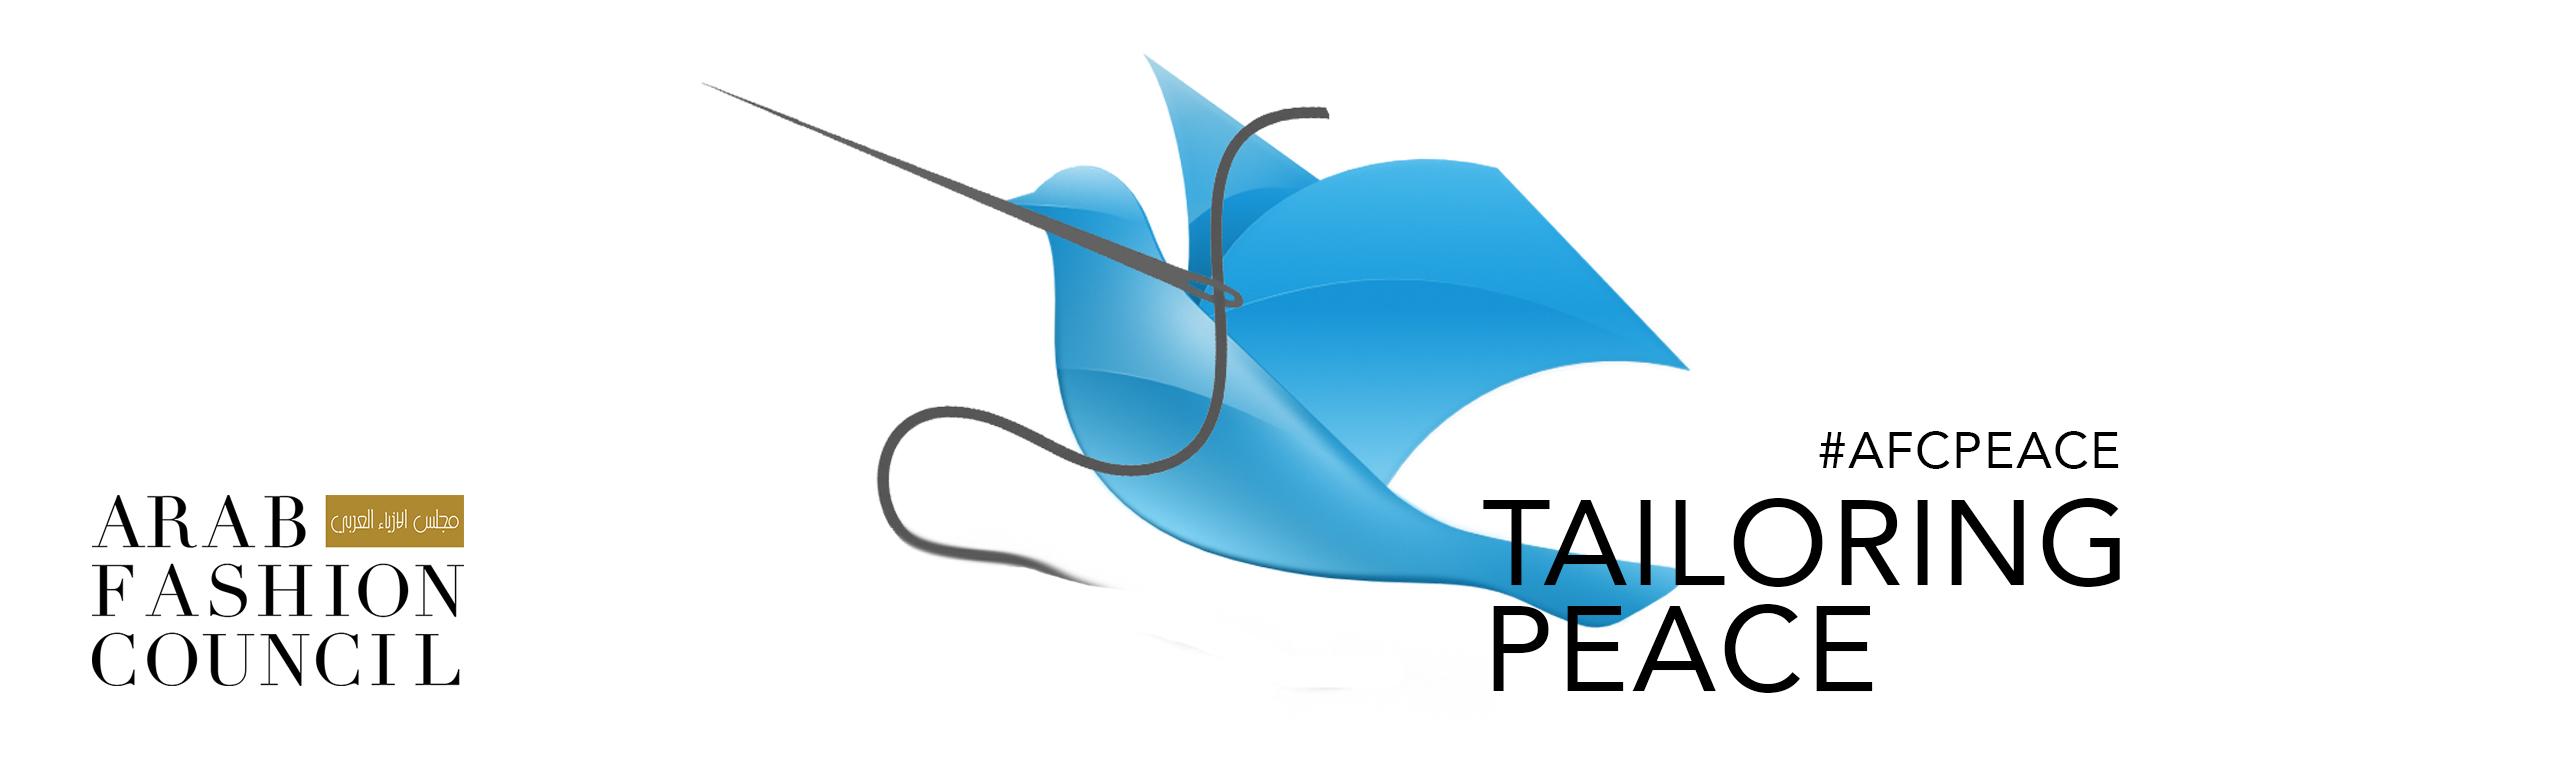 AFC-PEACE CAMPAIGN